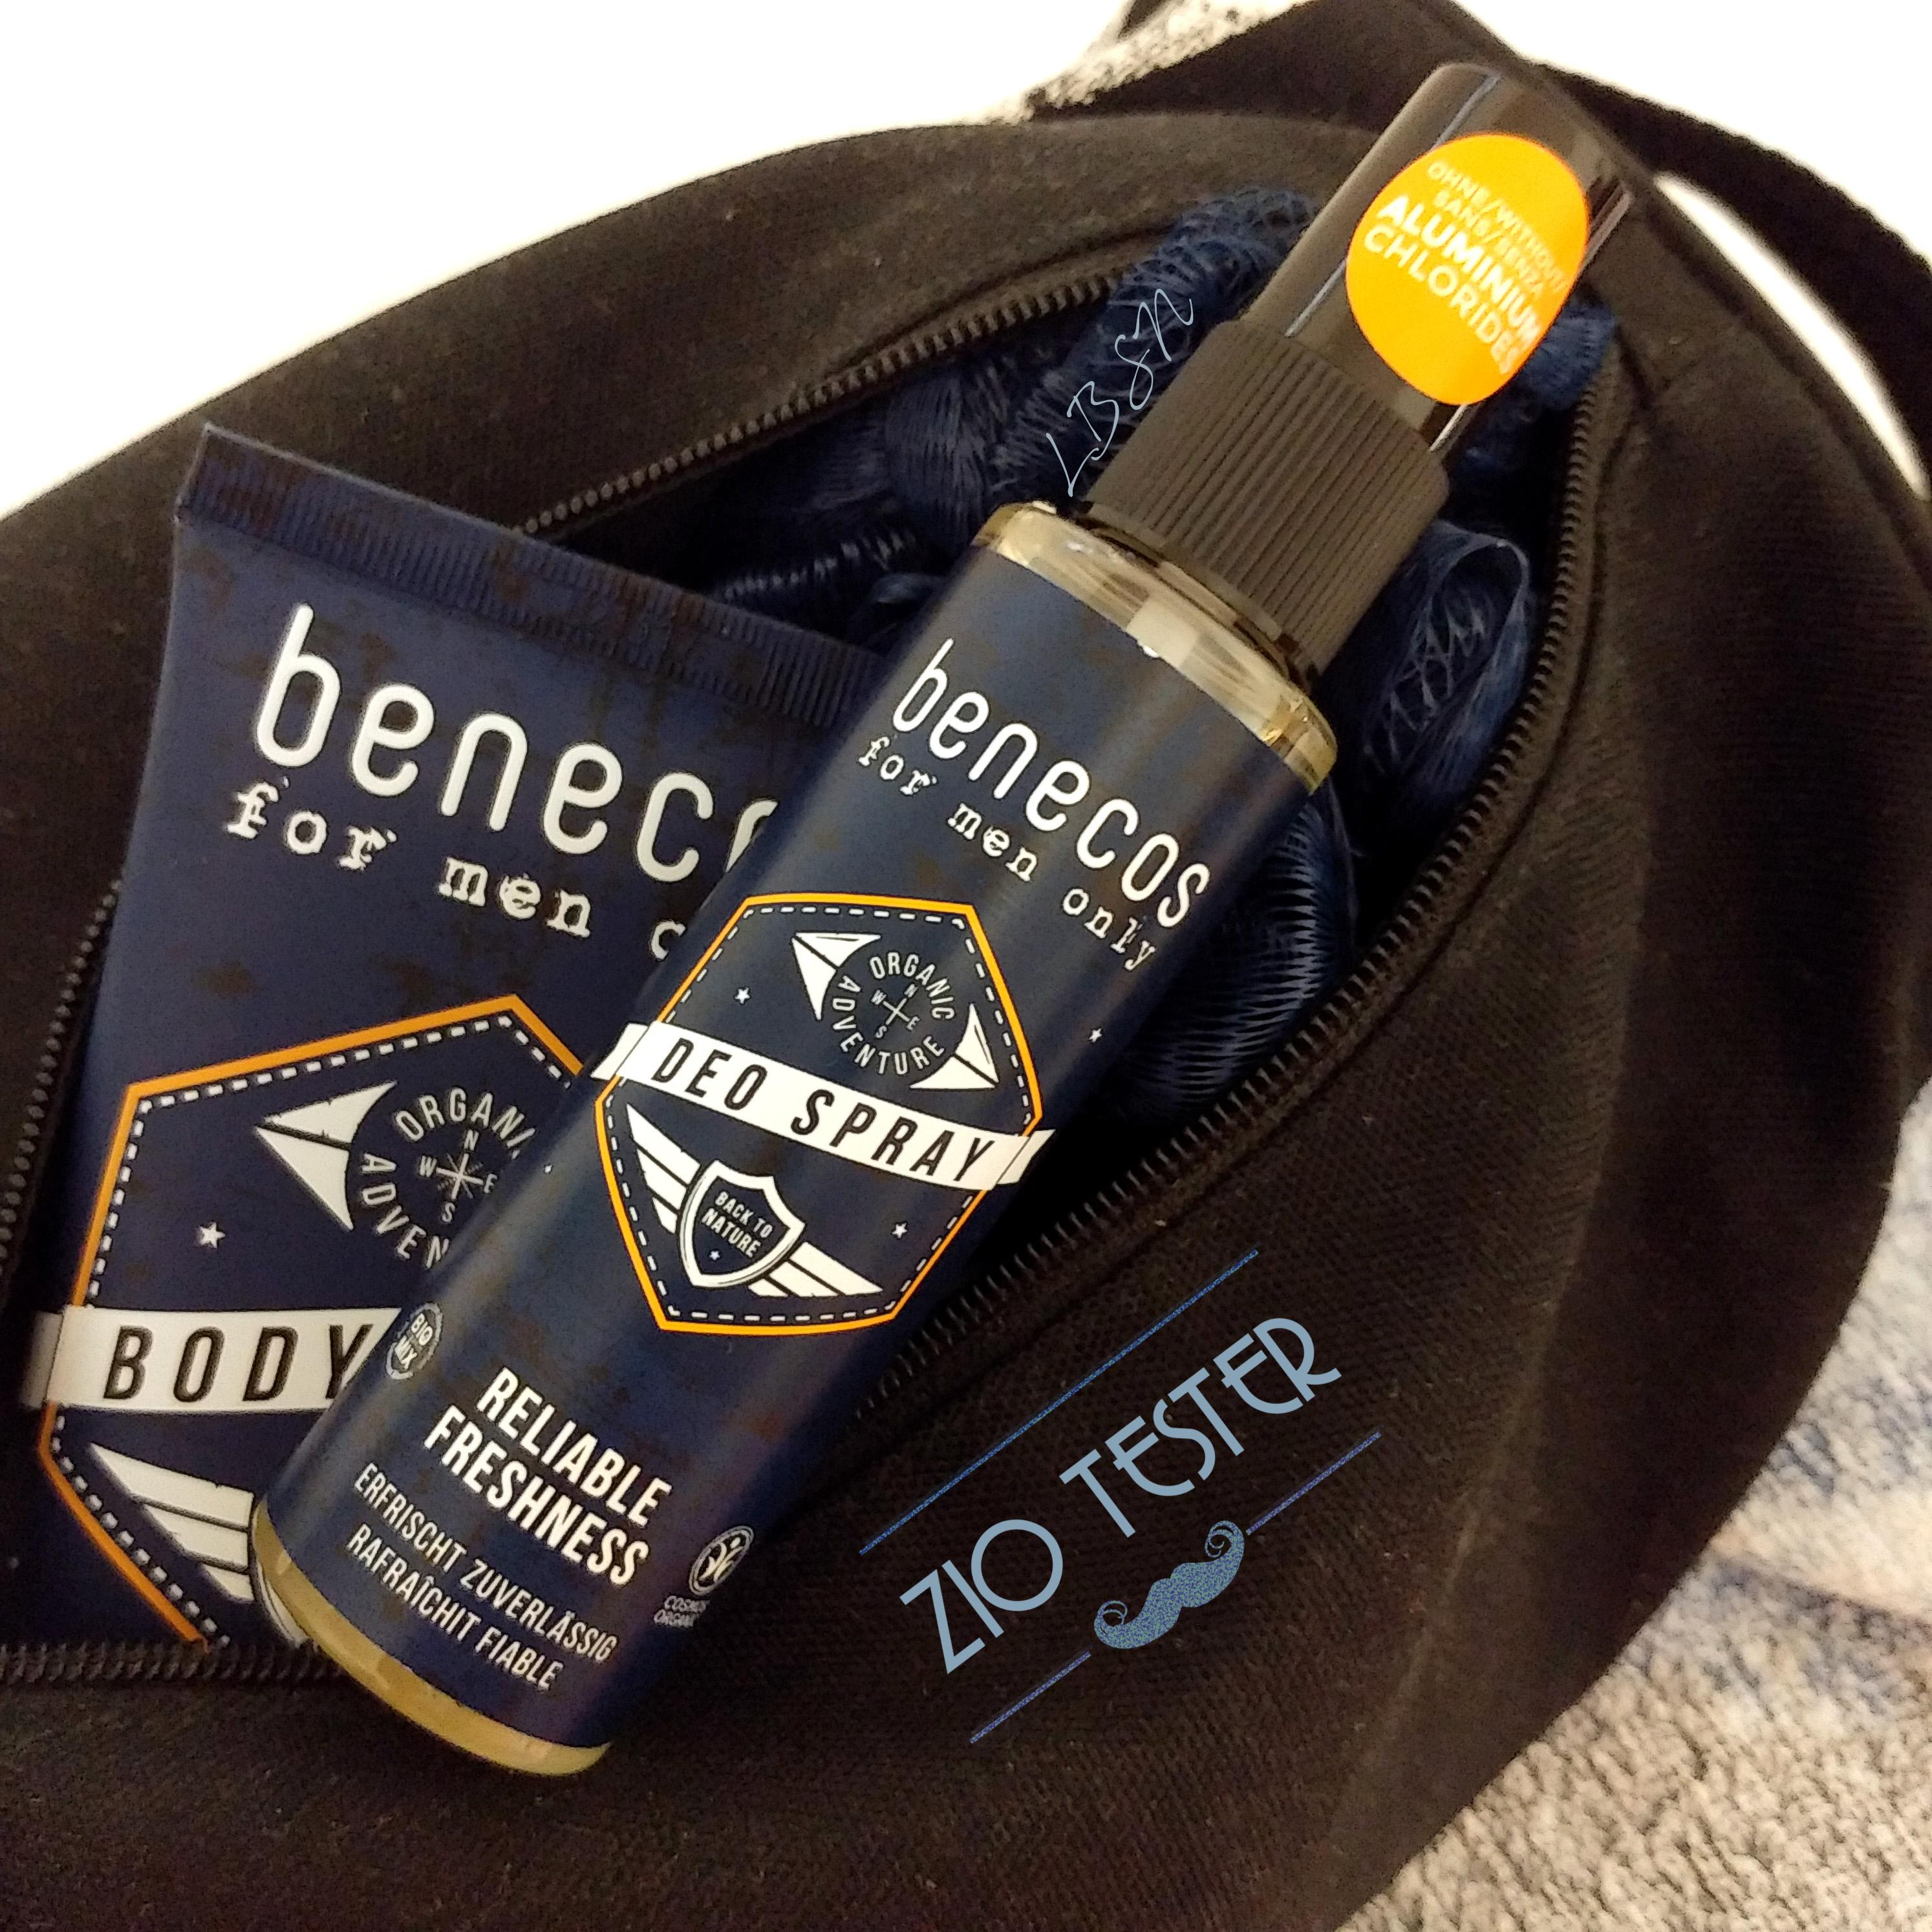 For men only Deo spray – Benecos [Zio Tester]